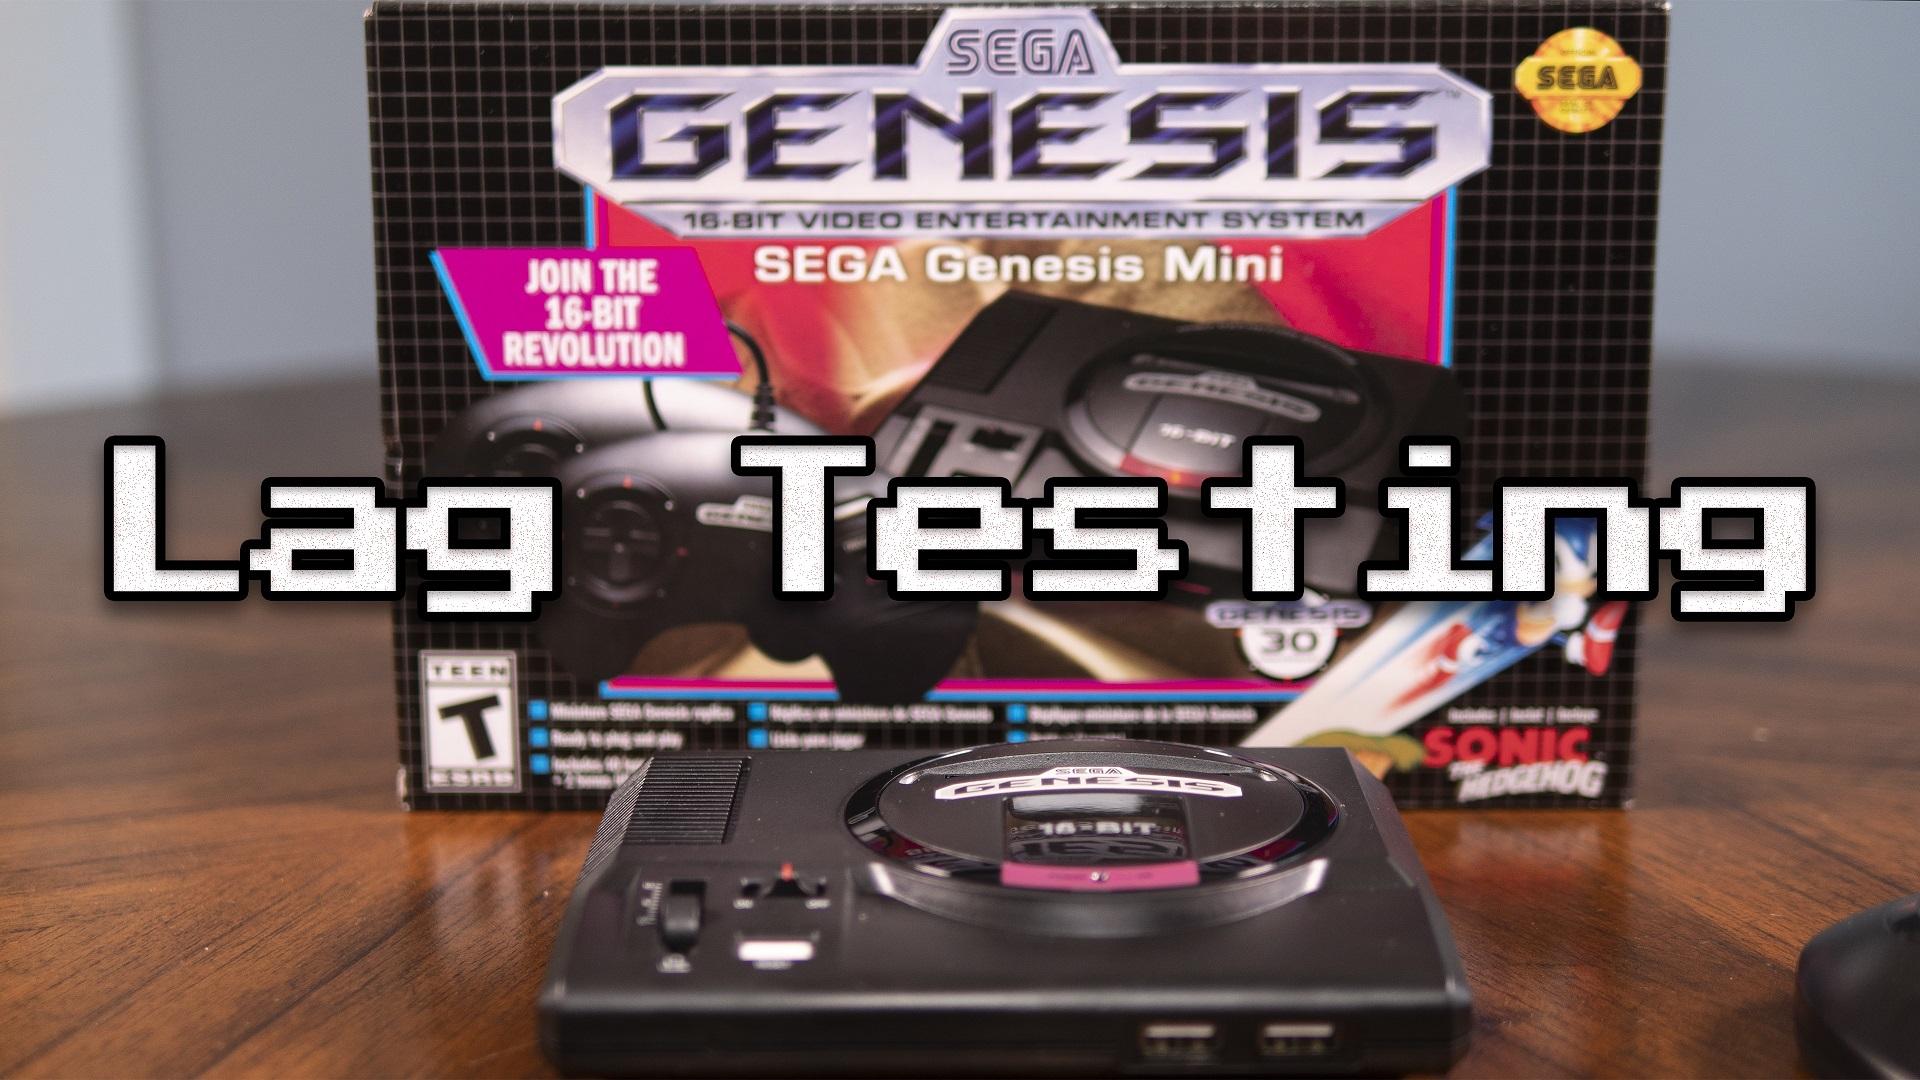 Genesis Mini Lag Testing